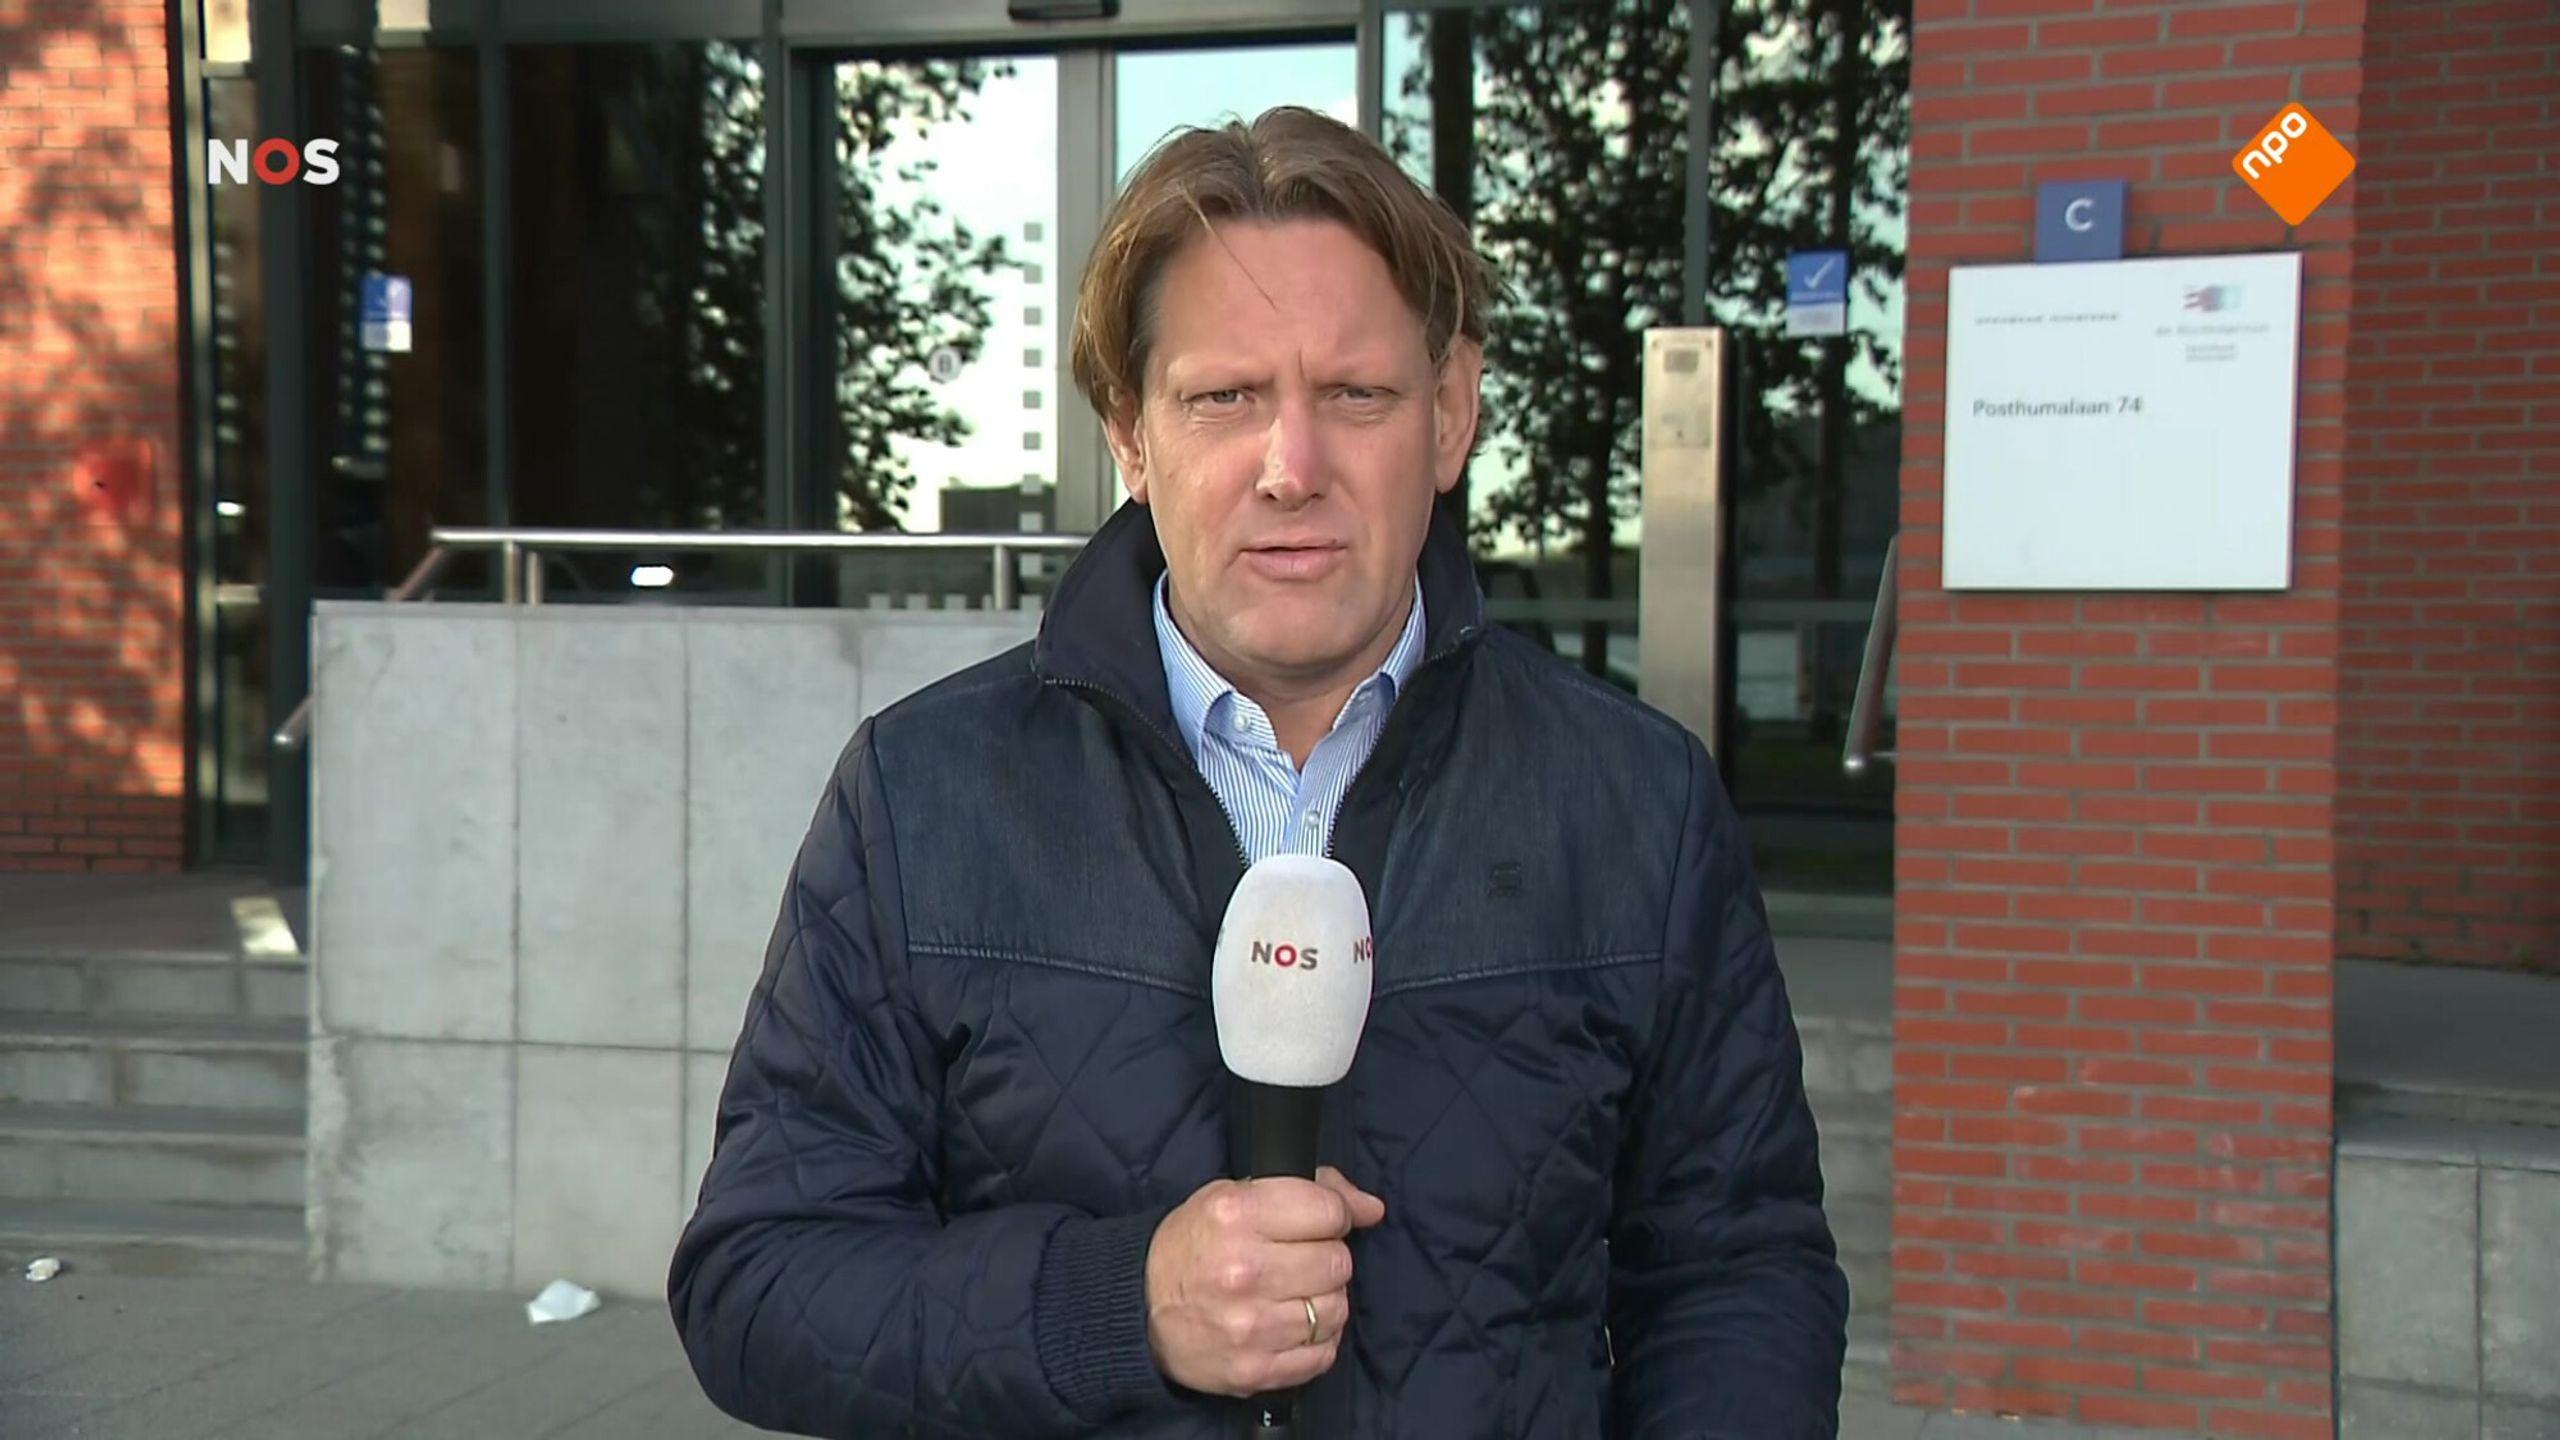 www.npostart.nl